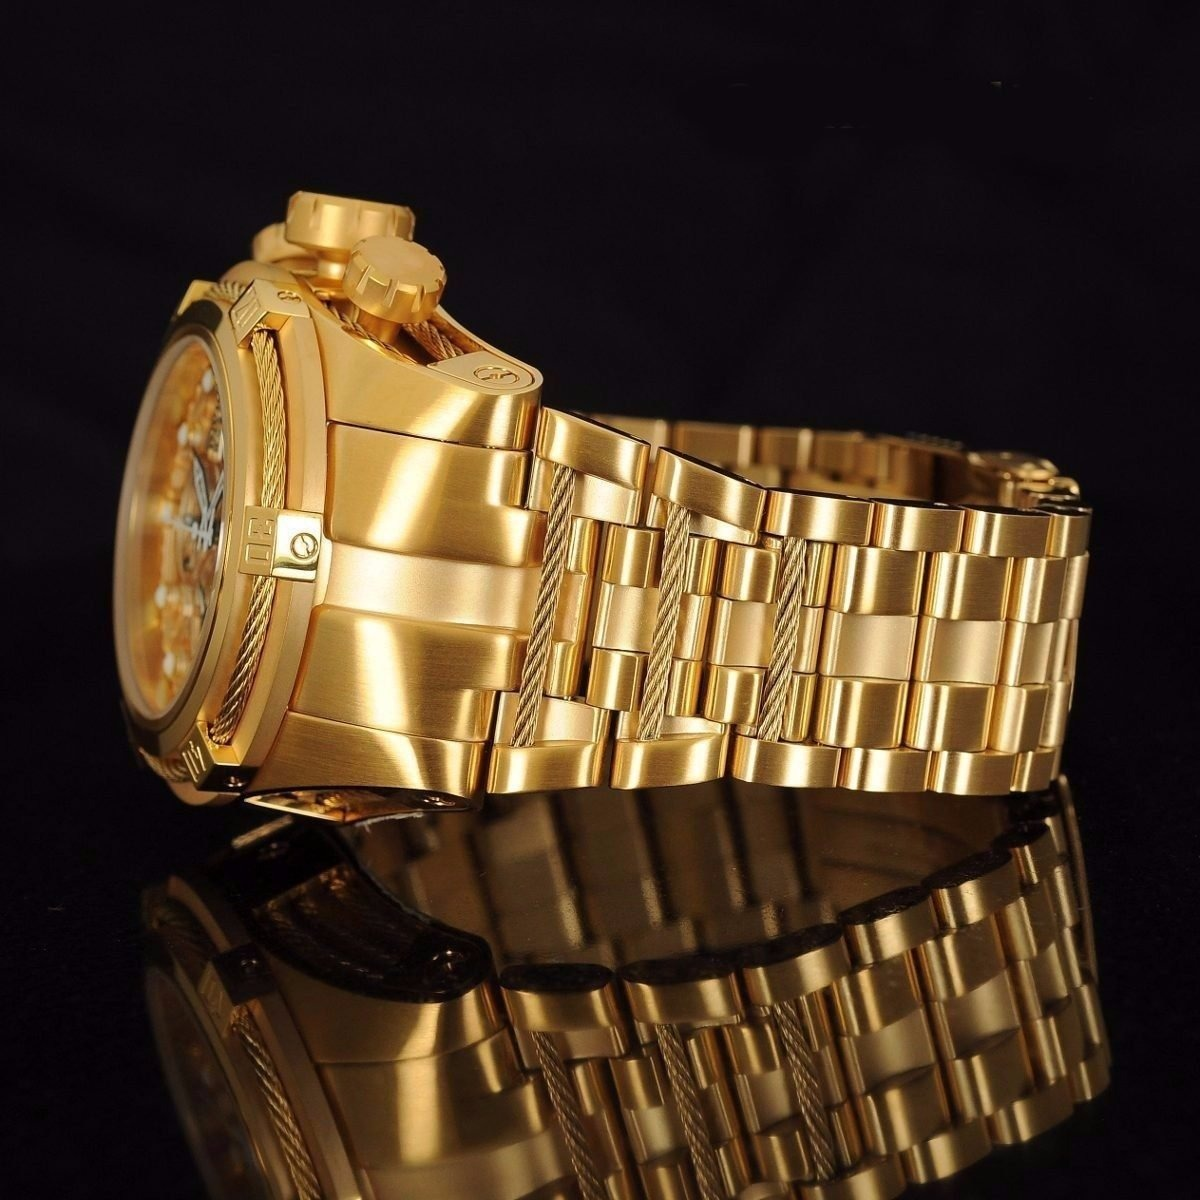 9811b02a8c4 lindo relógio invicta 12763 zeus bolt reserve promocional iv. Carregando  zoom.